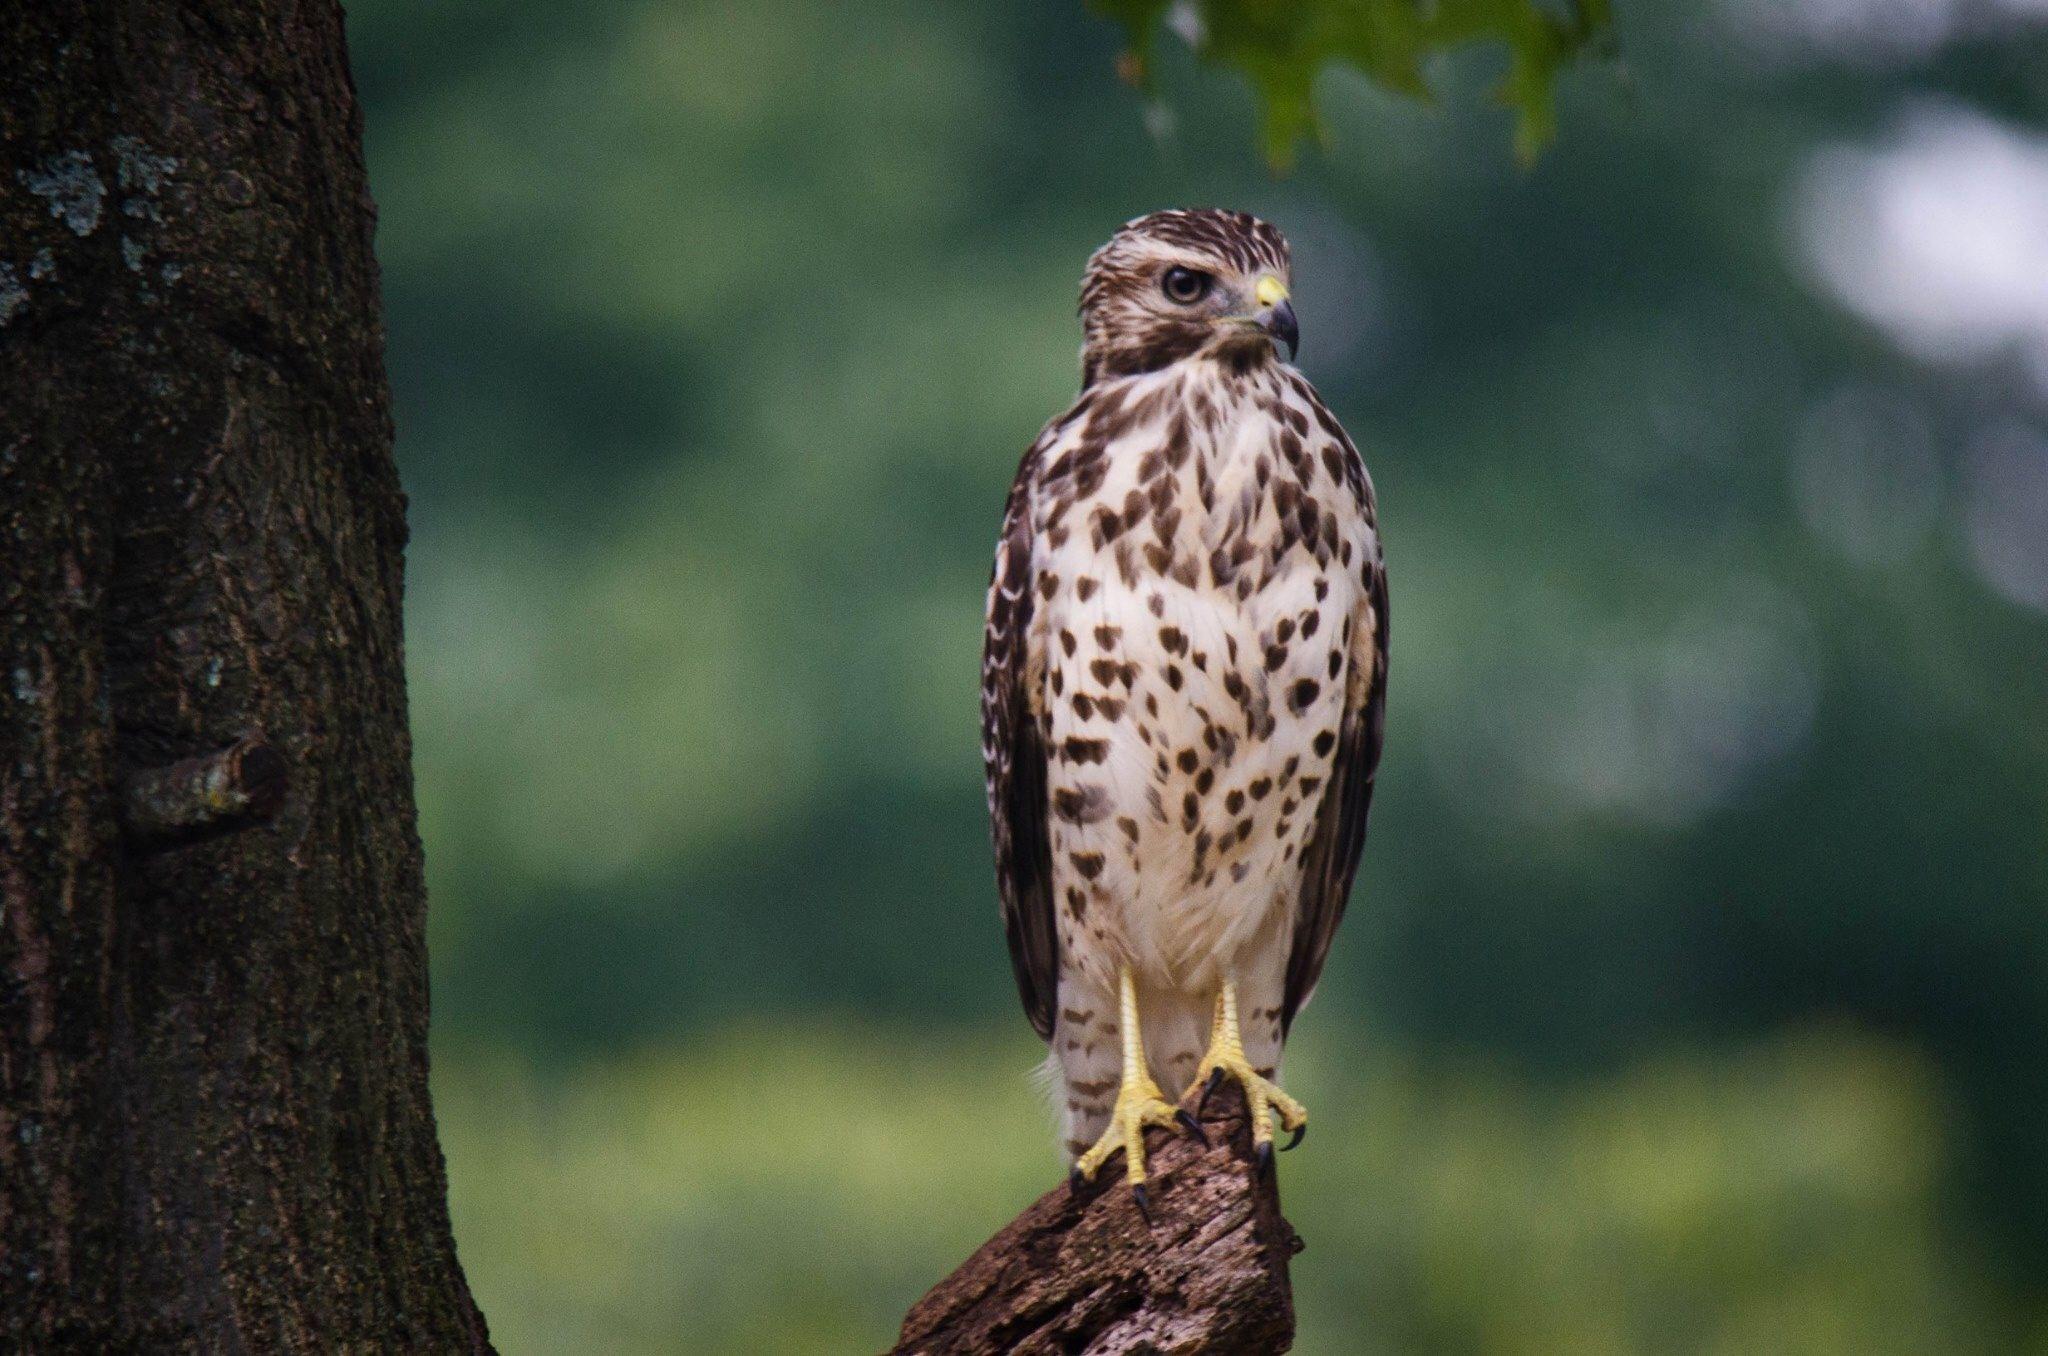 Hawk by Valerie Dyer